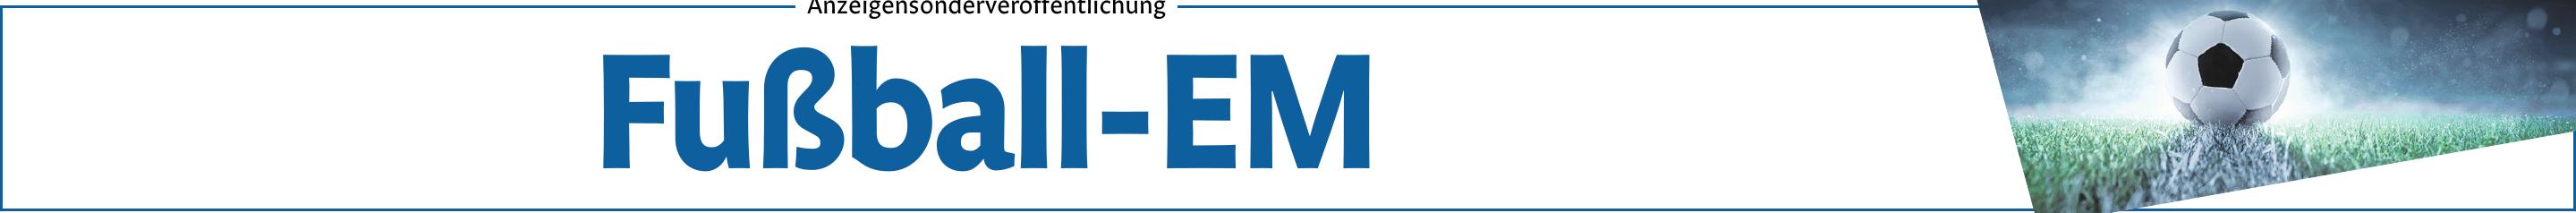 Eine EM in ganz Europa Image 1